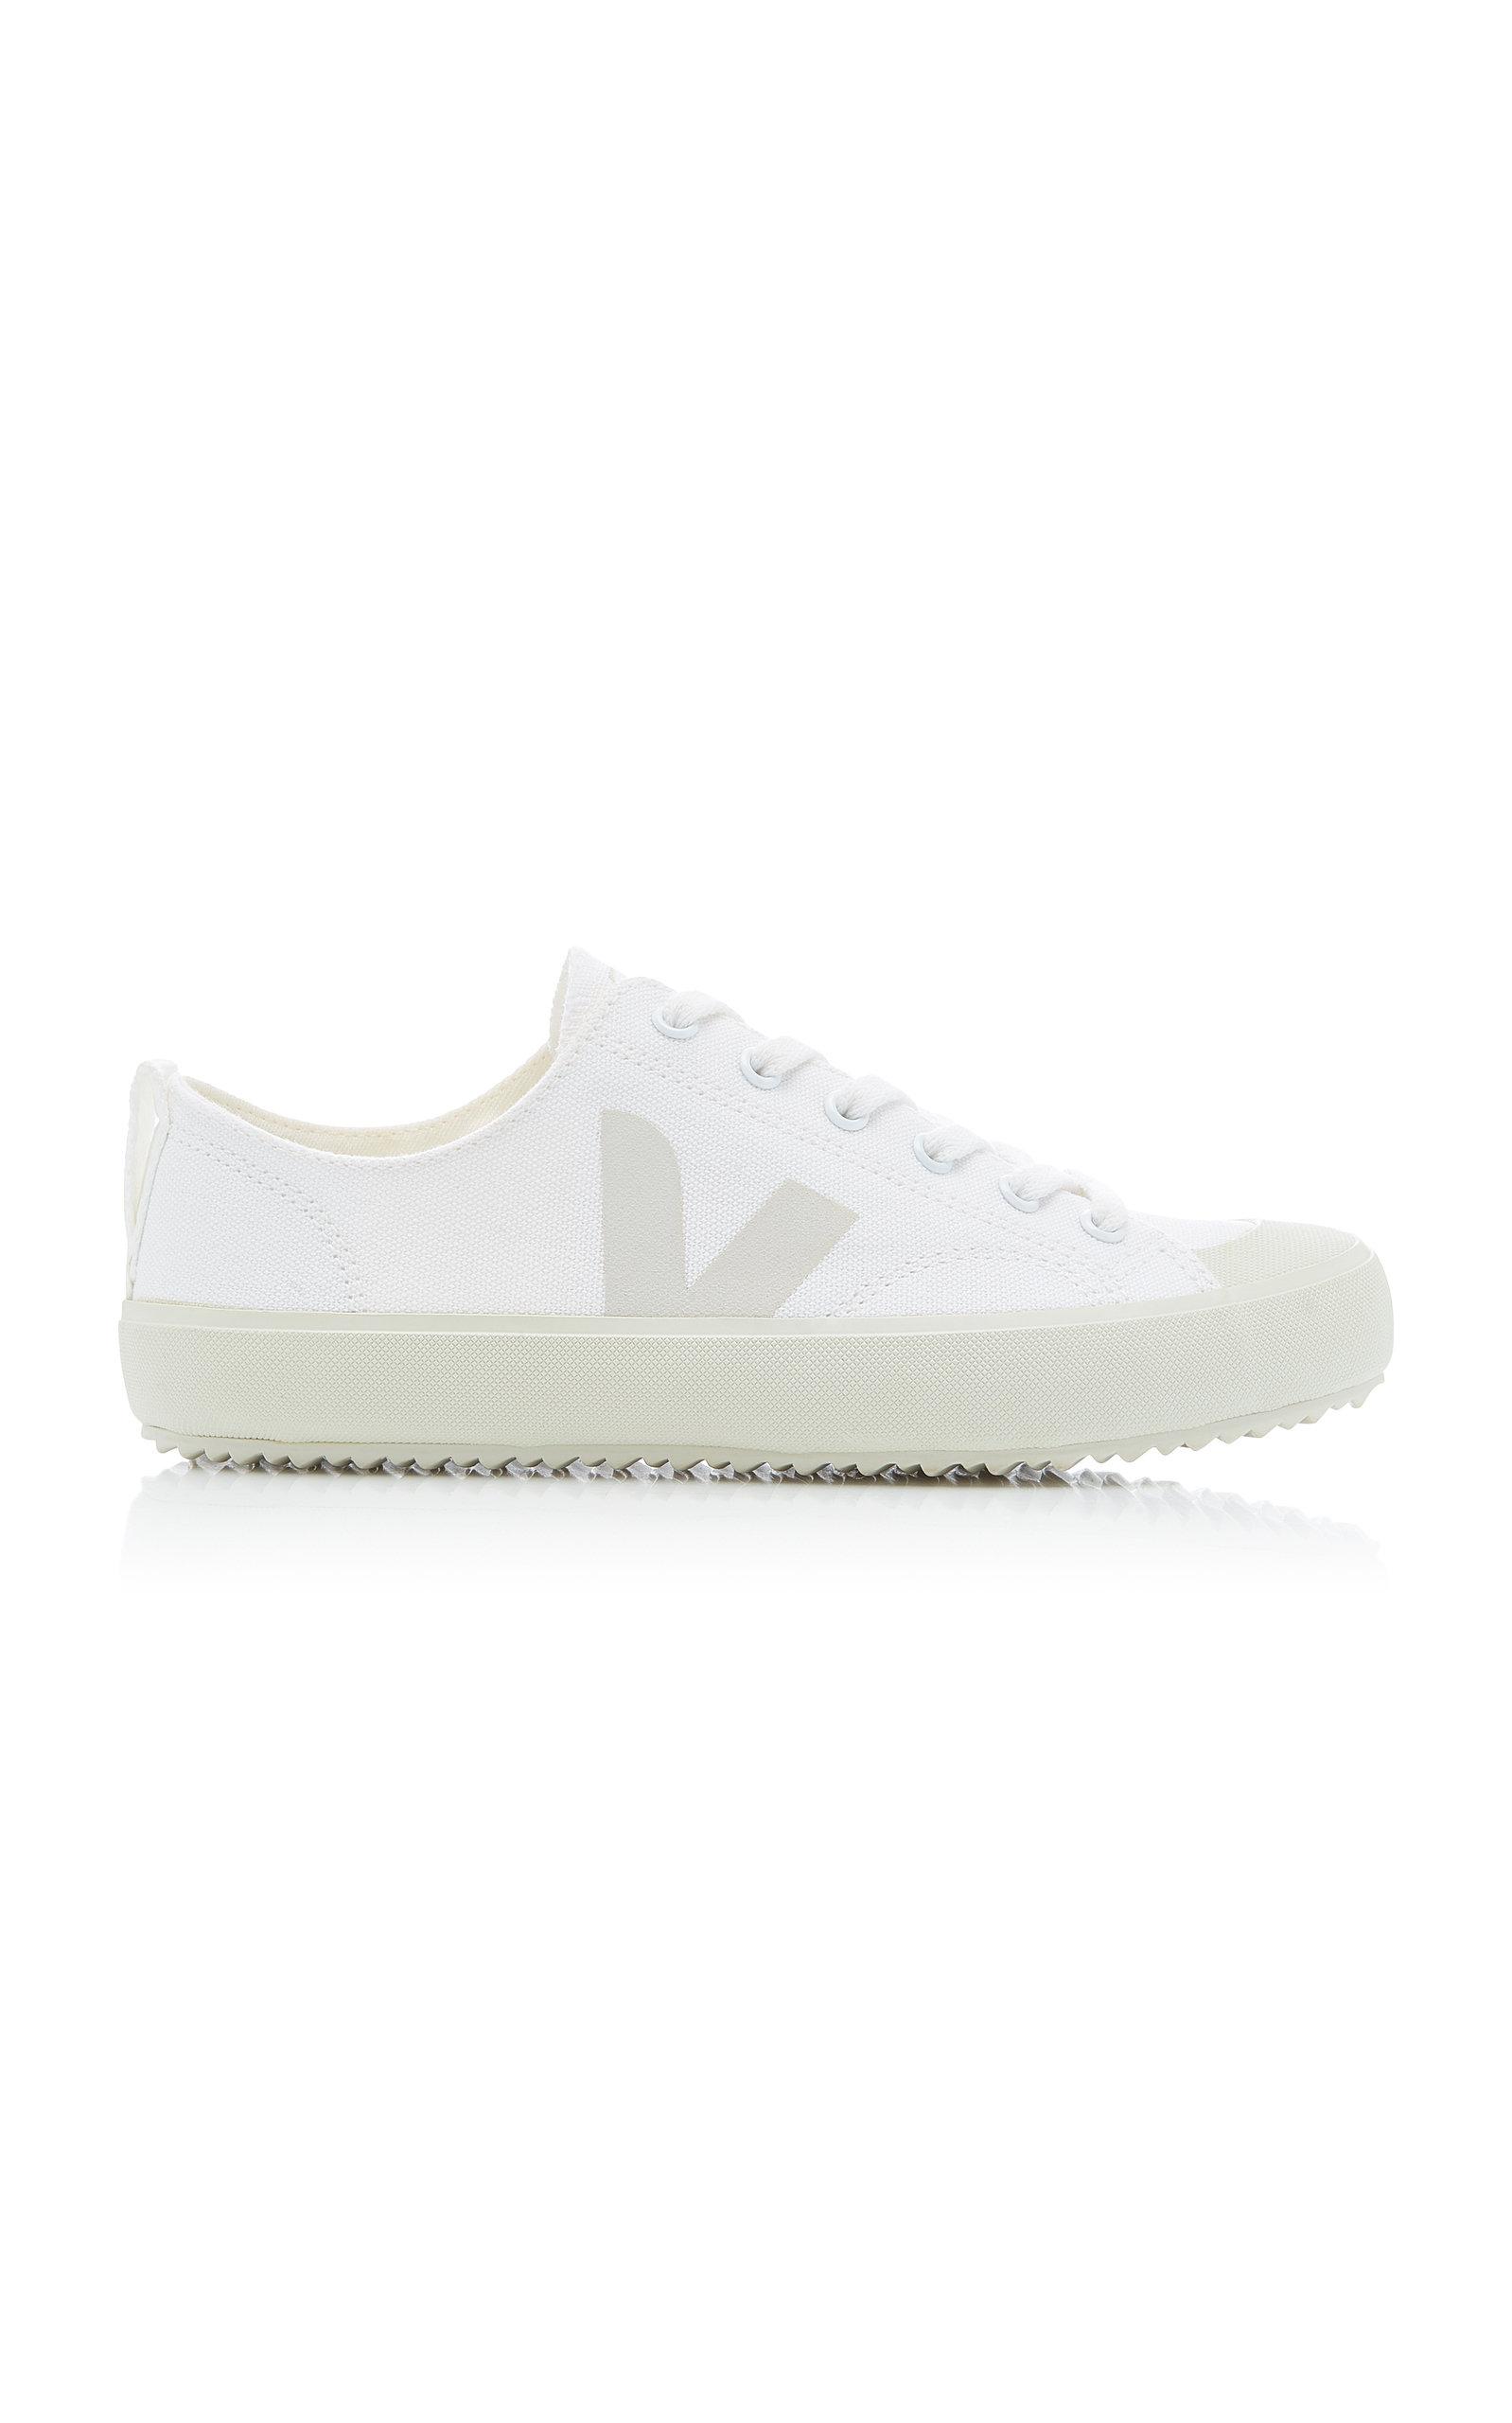 Veja | VEJA Nova Canvas Sneakers | Clouty